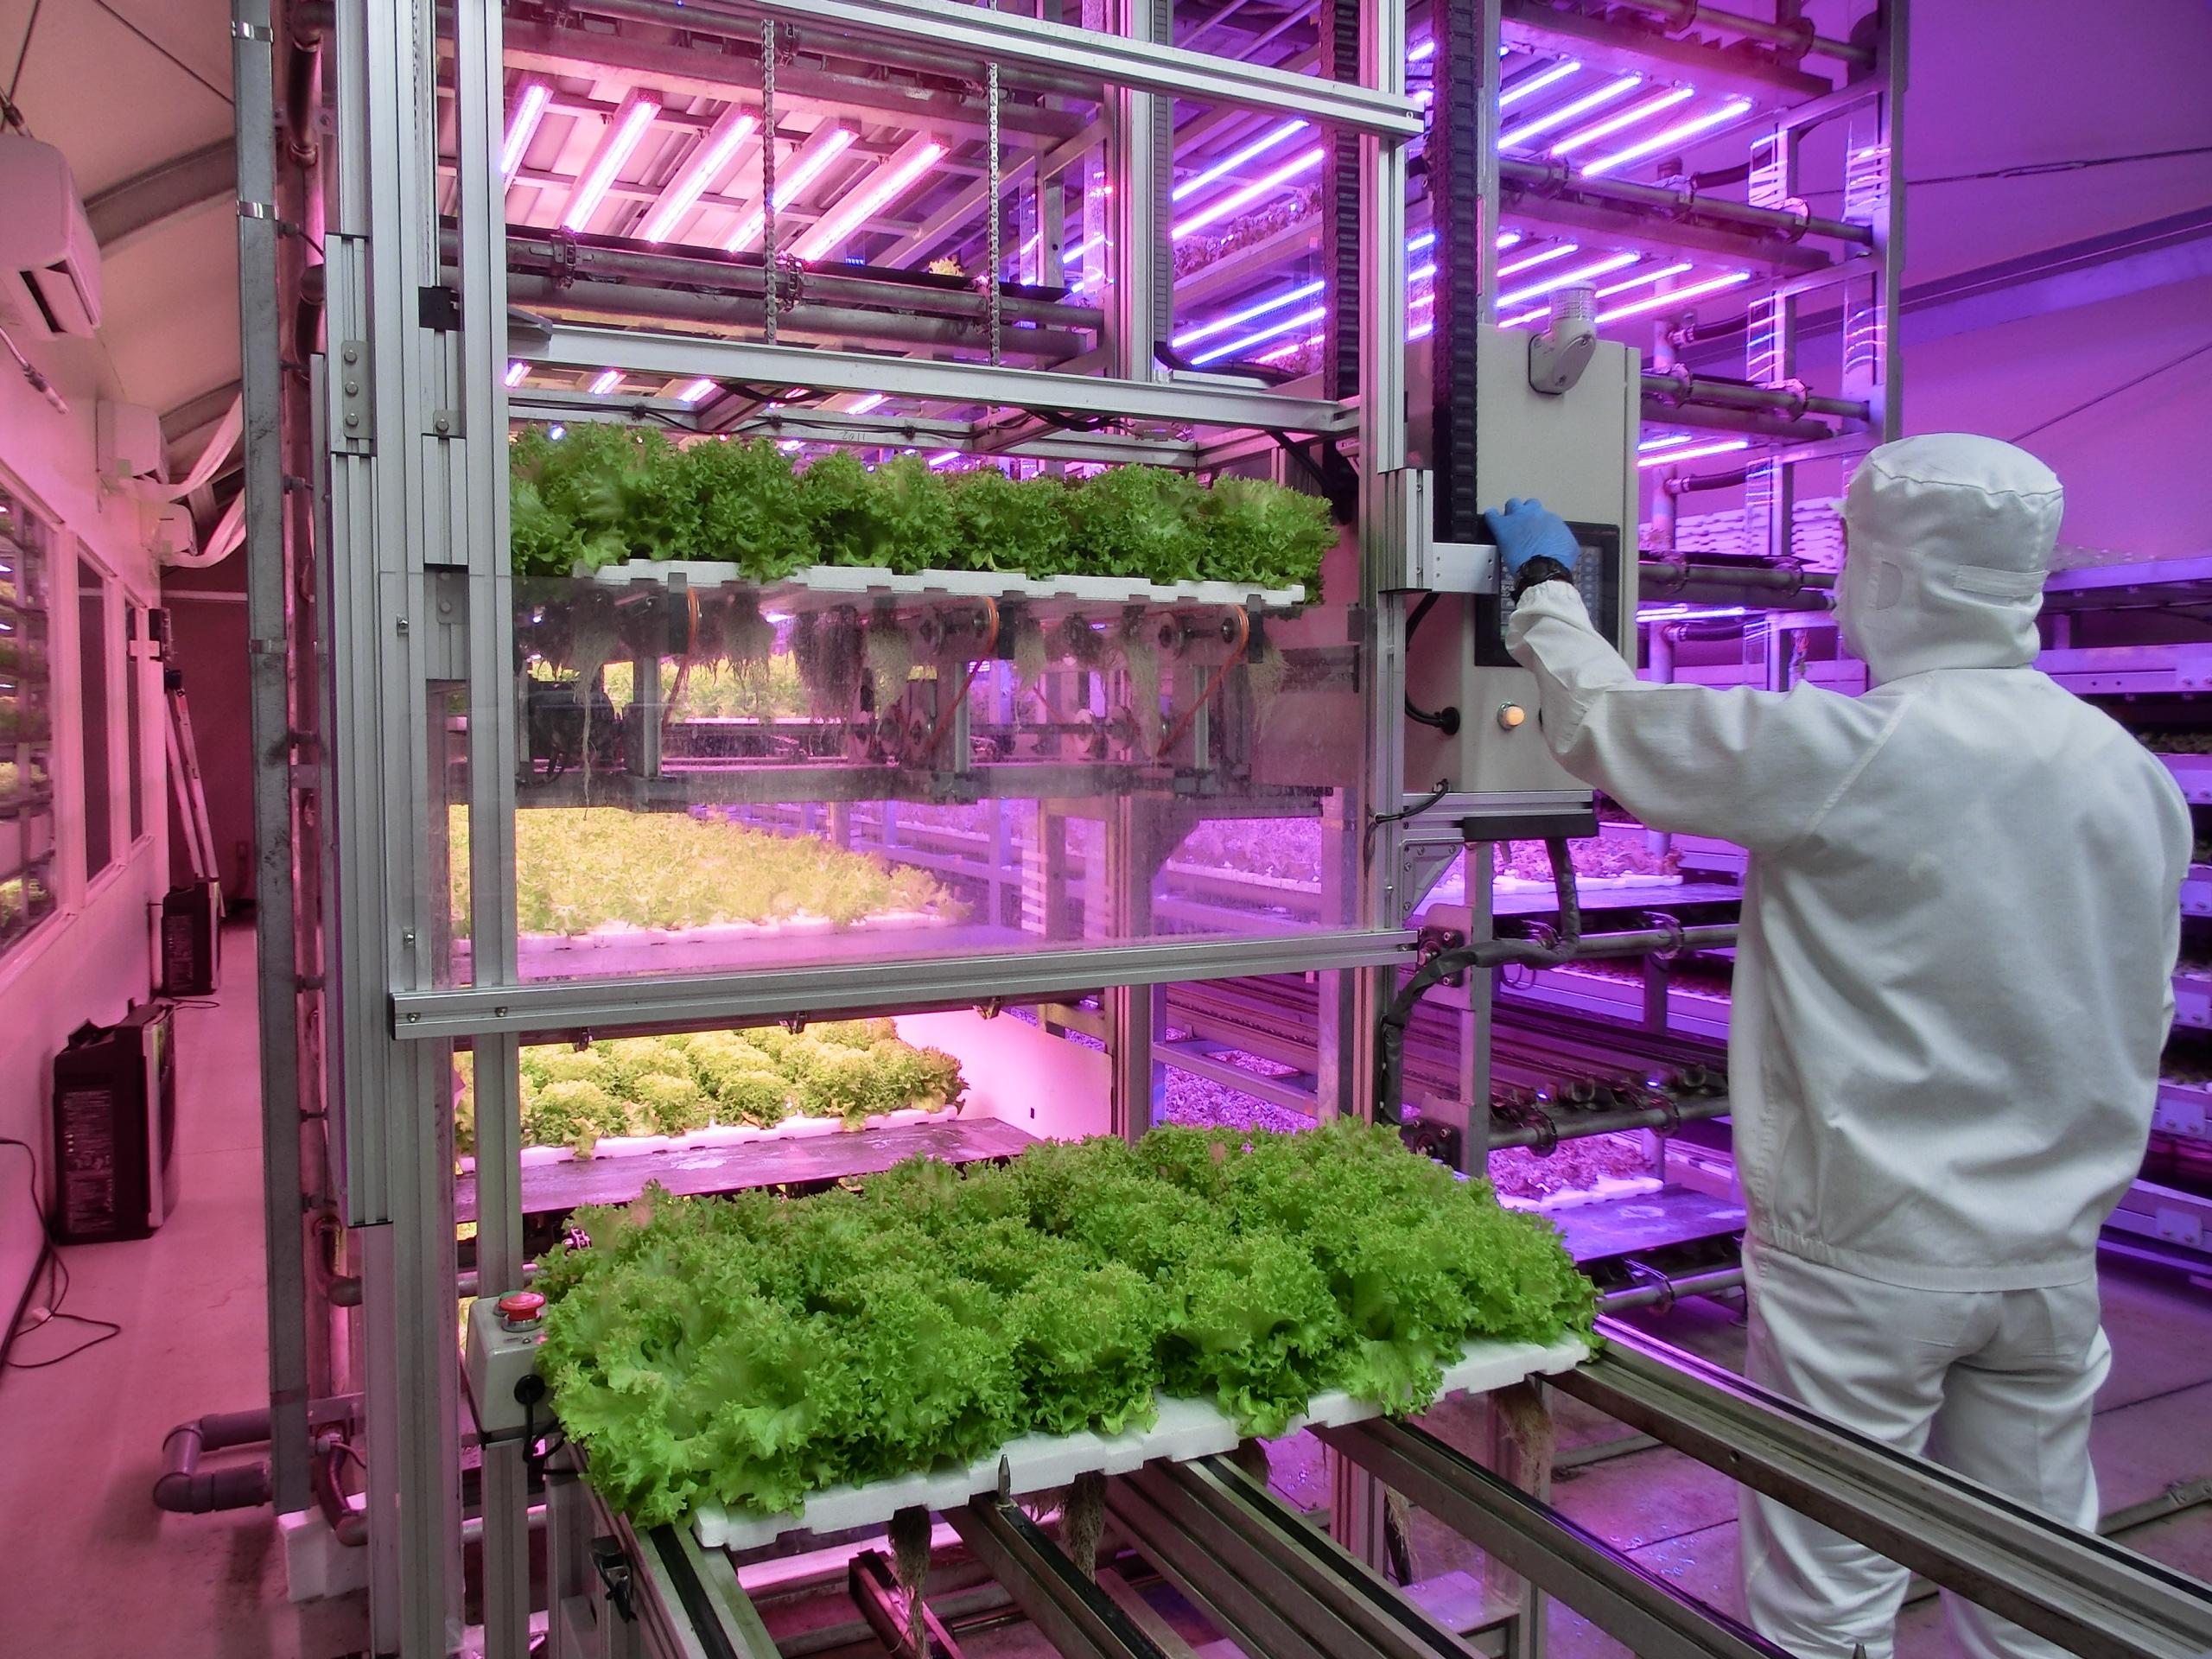 千葉大学 植物工場 ロボット使用